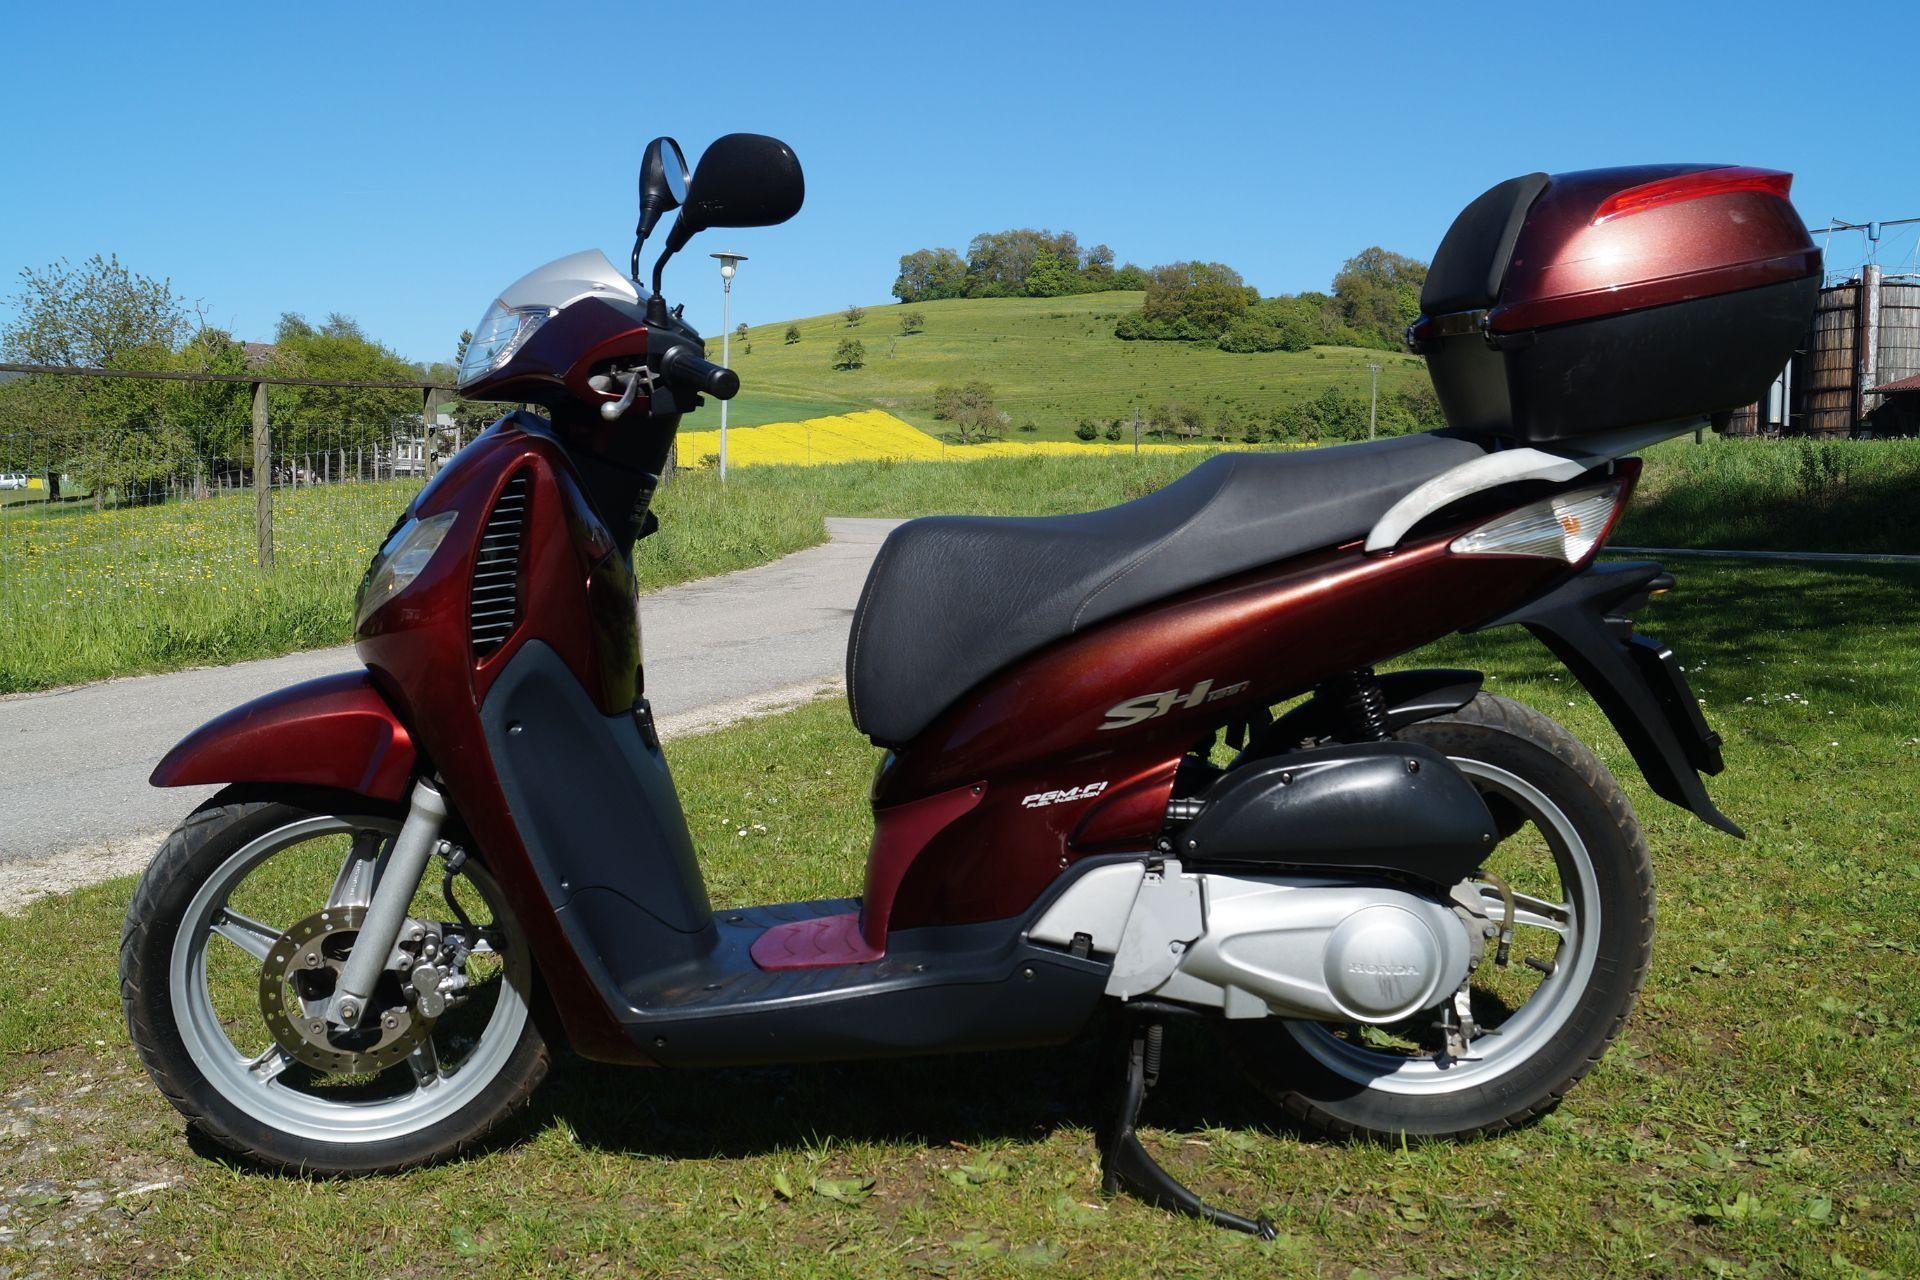 motorrad occasion kaufen honda sh 125 i motoshop ziegler schleitheim. Black Bedroom Furniture Sets. Home Design Ideas